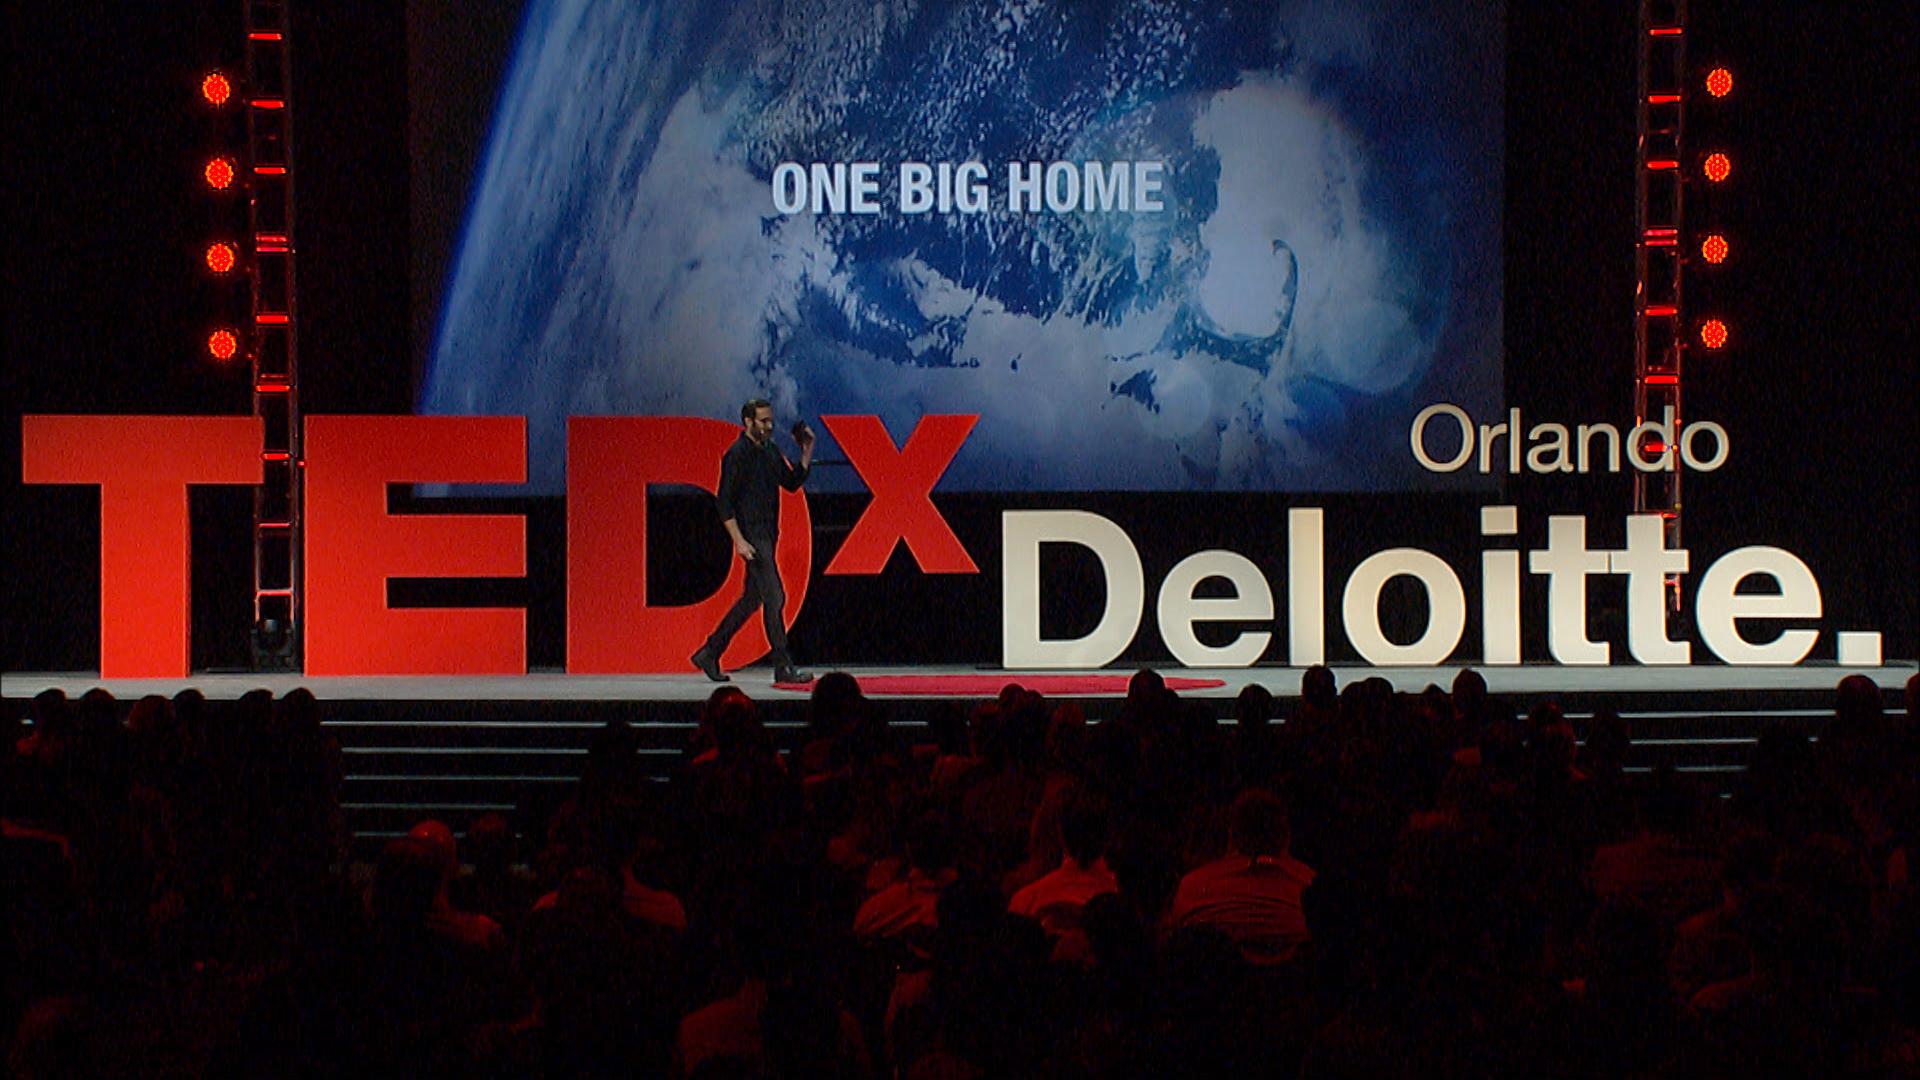 OBH_TedX_still_028.jpg